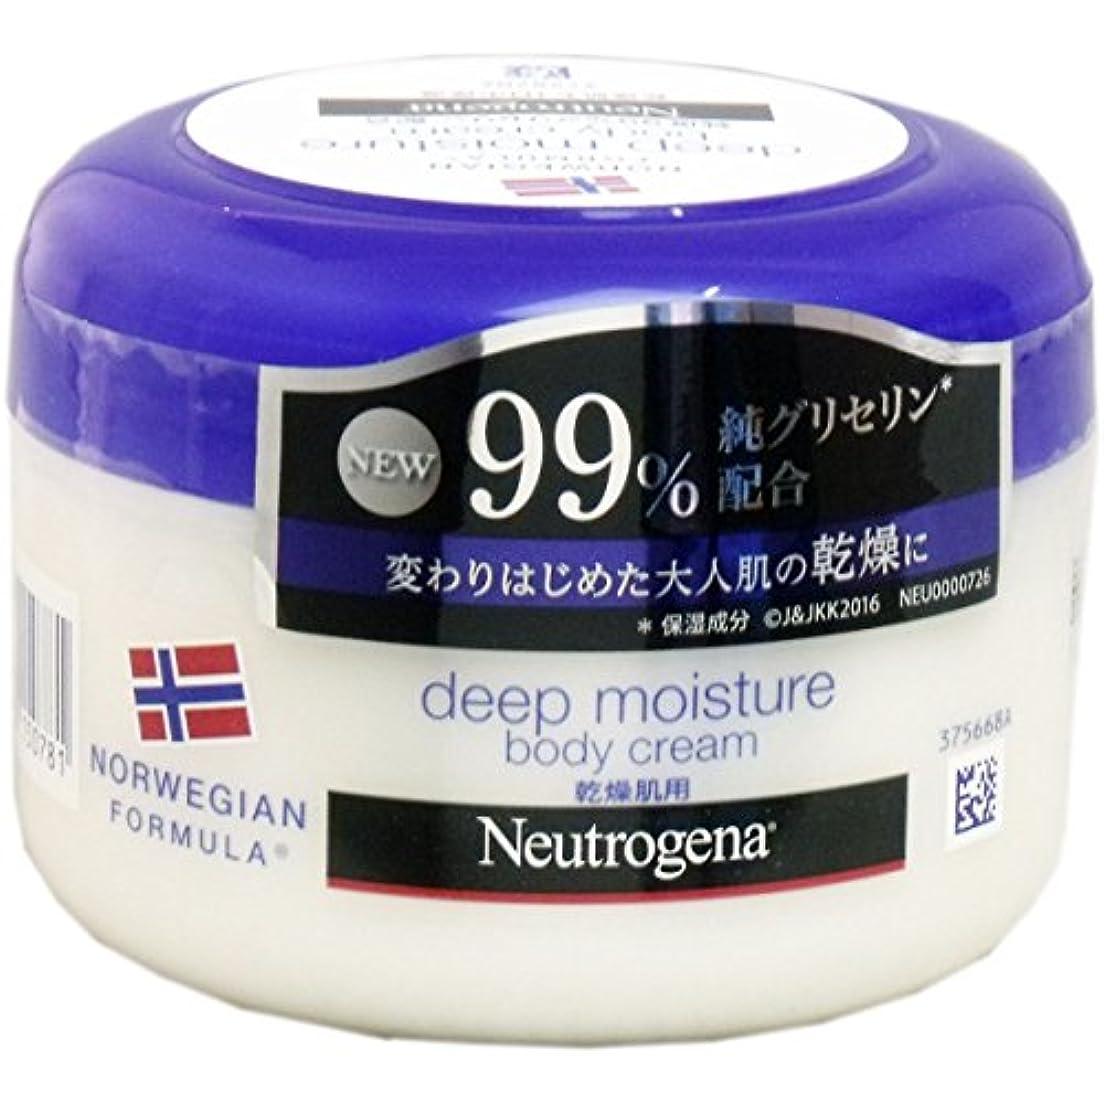 指定シャトルフォーラム【まとめ買い】Neutrogena(ニュートロジーナ) ノルウェーフォーミュラ ディープモイスチャー ボディクリーム 乾燥肌用 微香性 200ml×3個